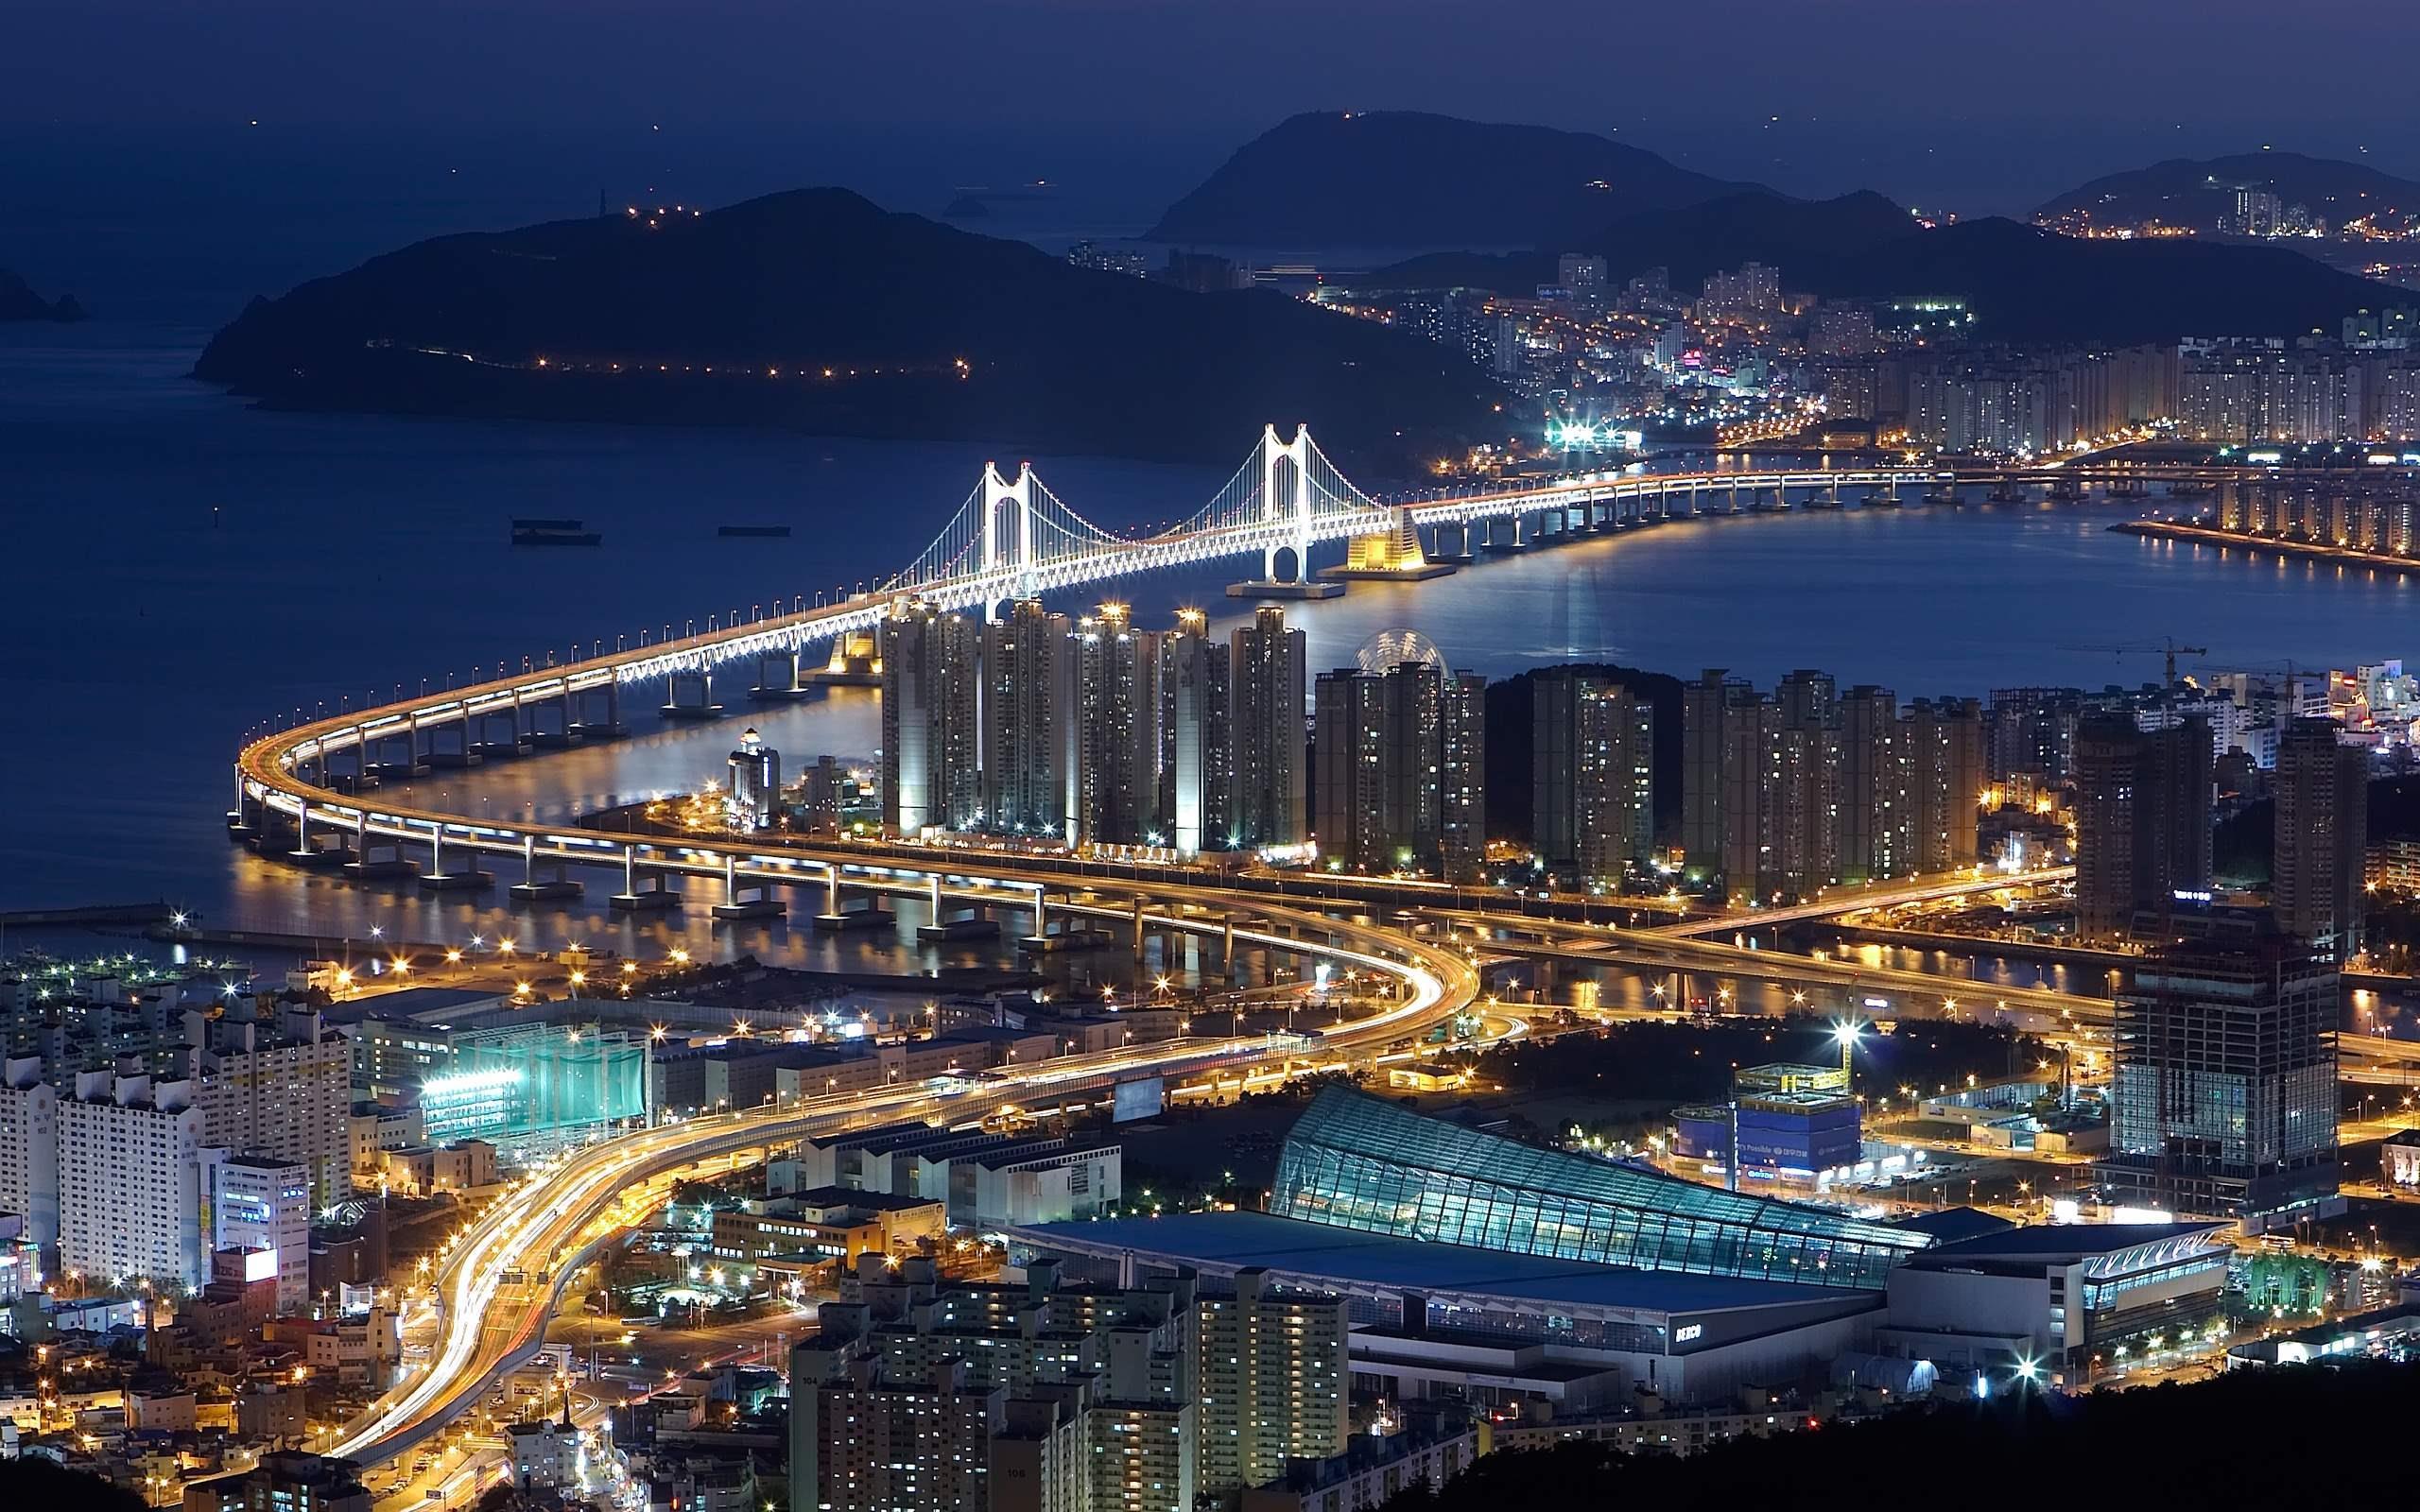 South_Korea_city_view